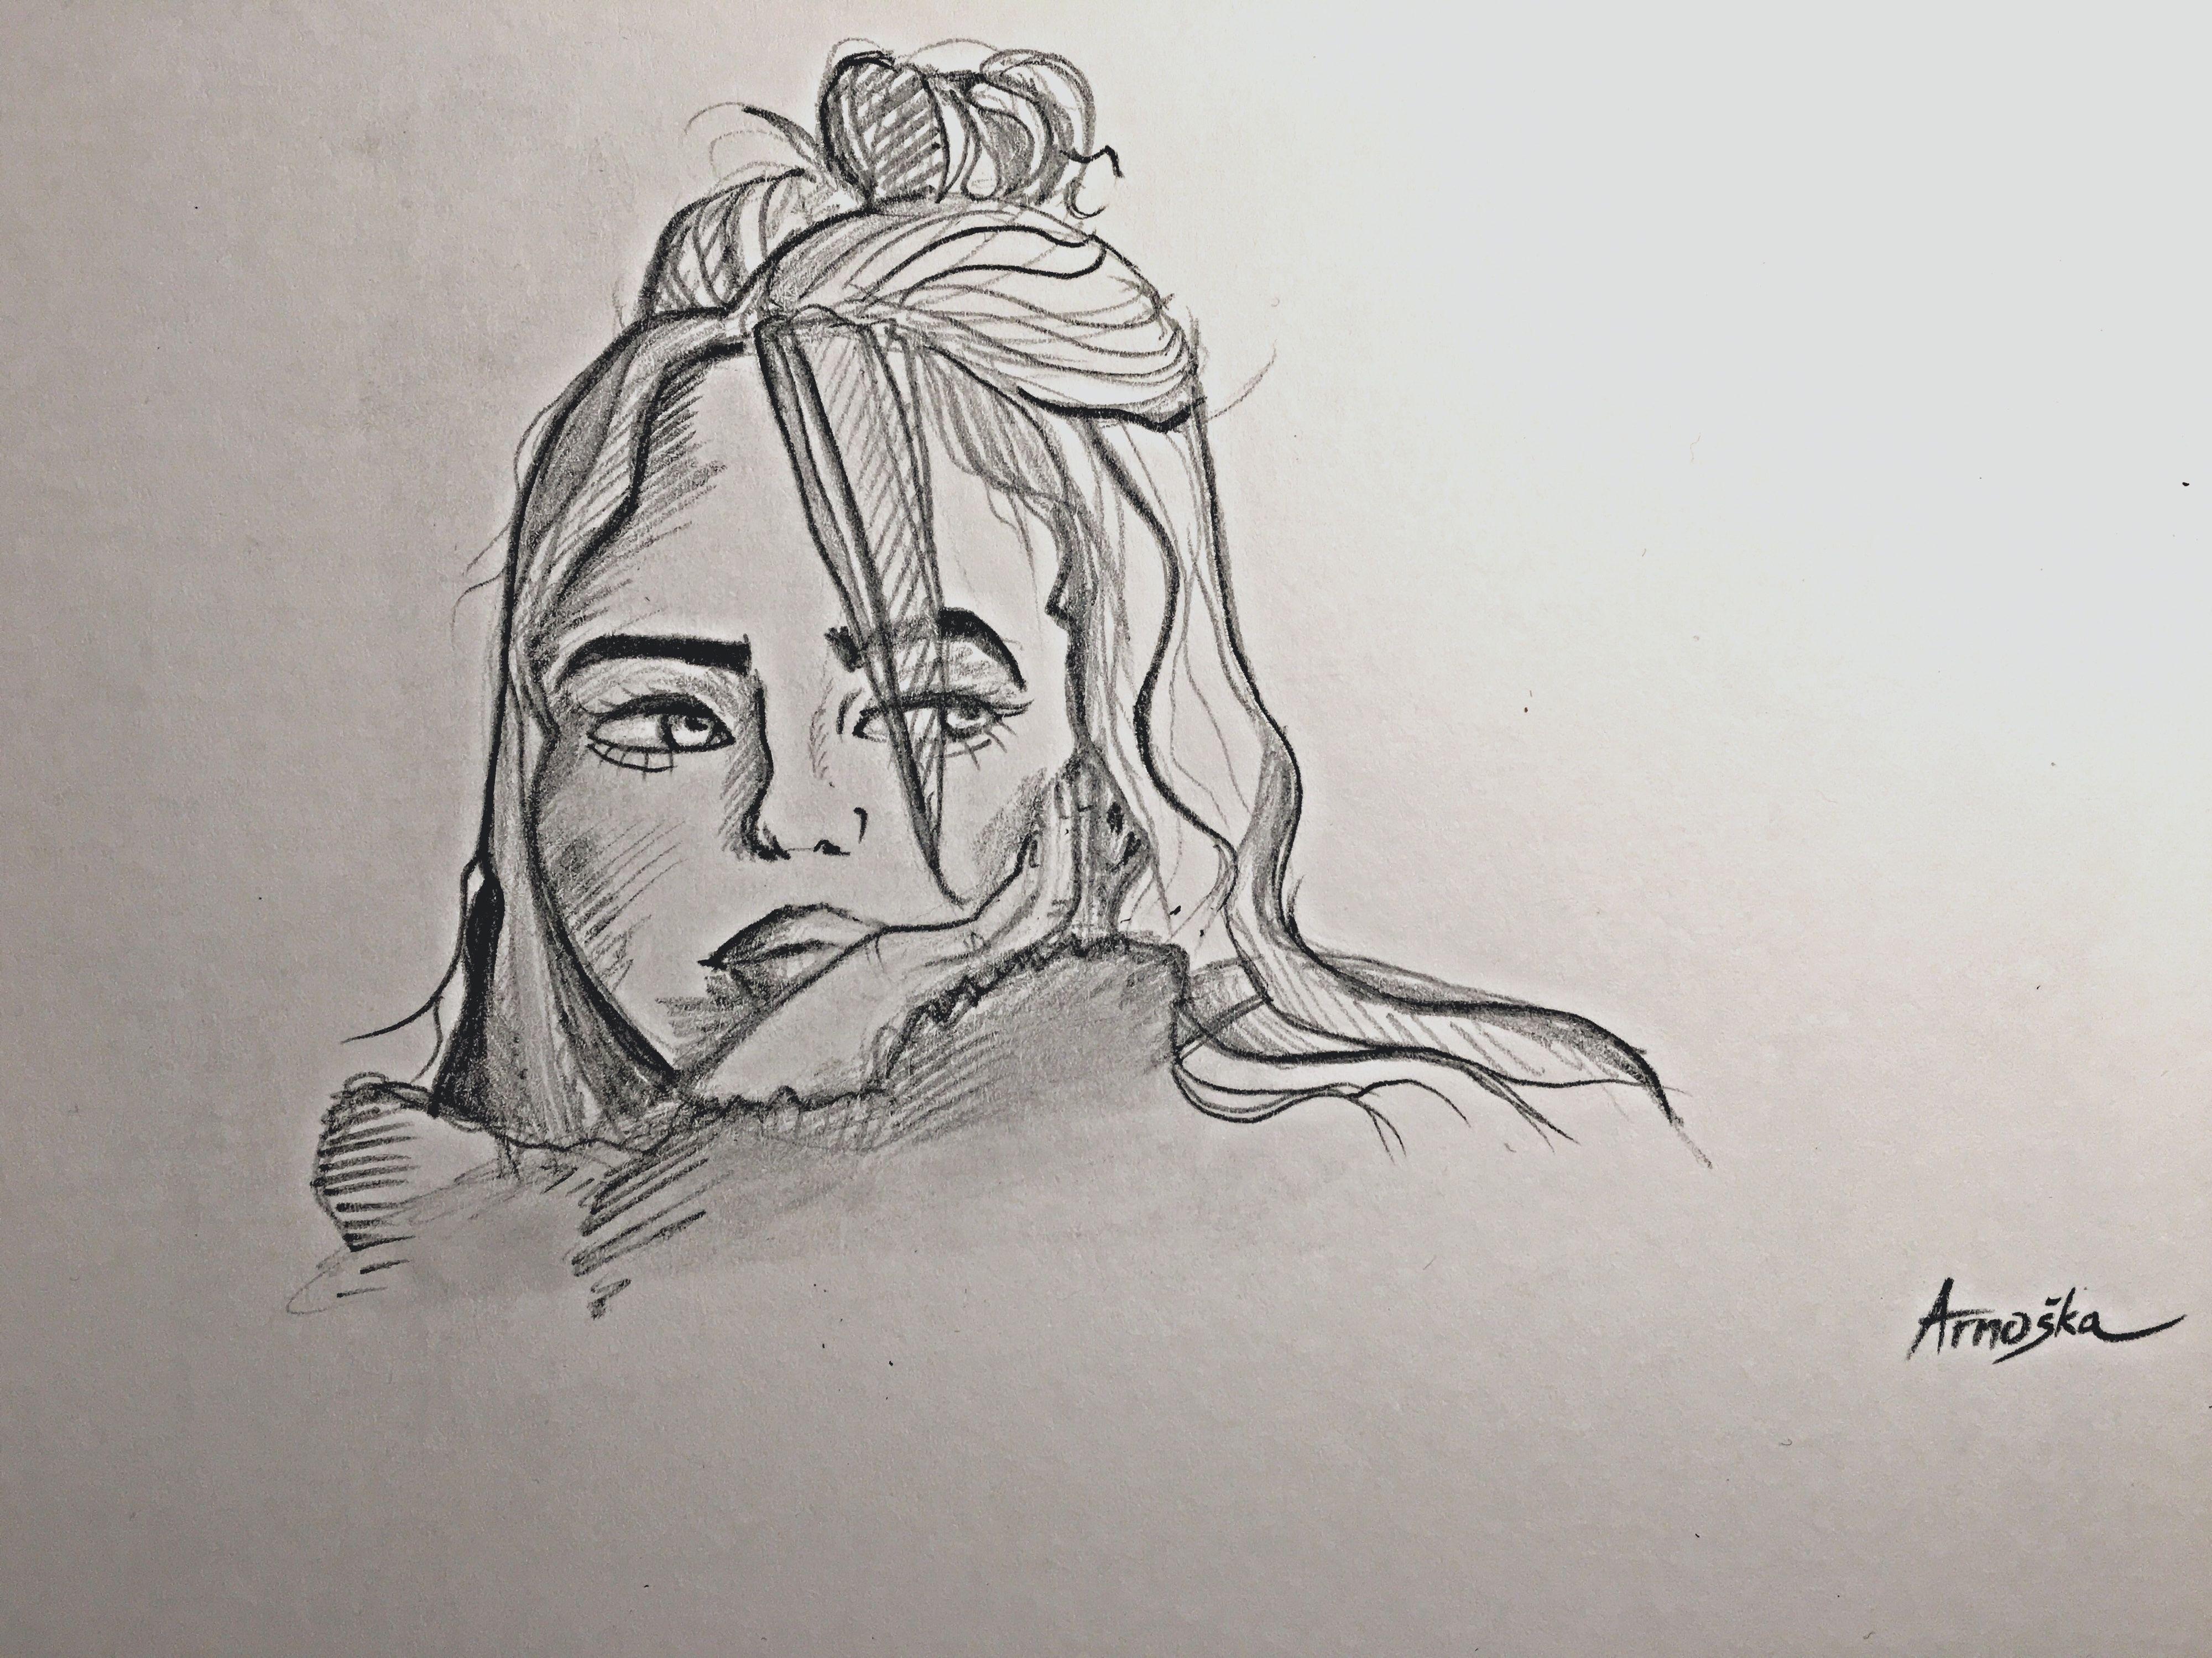 billie eilish again #billie #eilish #drawing #cartoon #